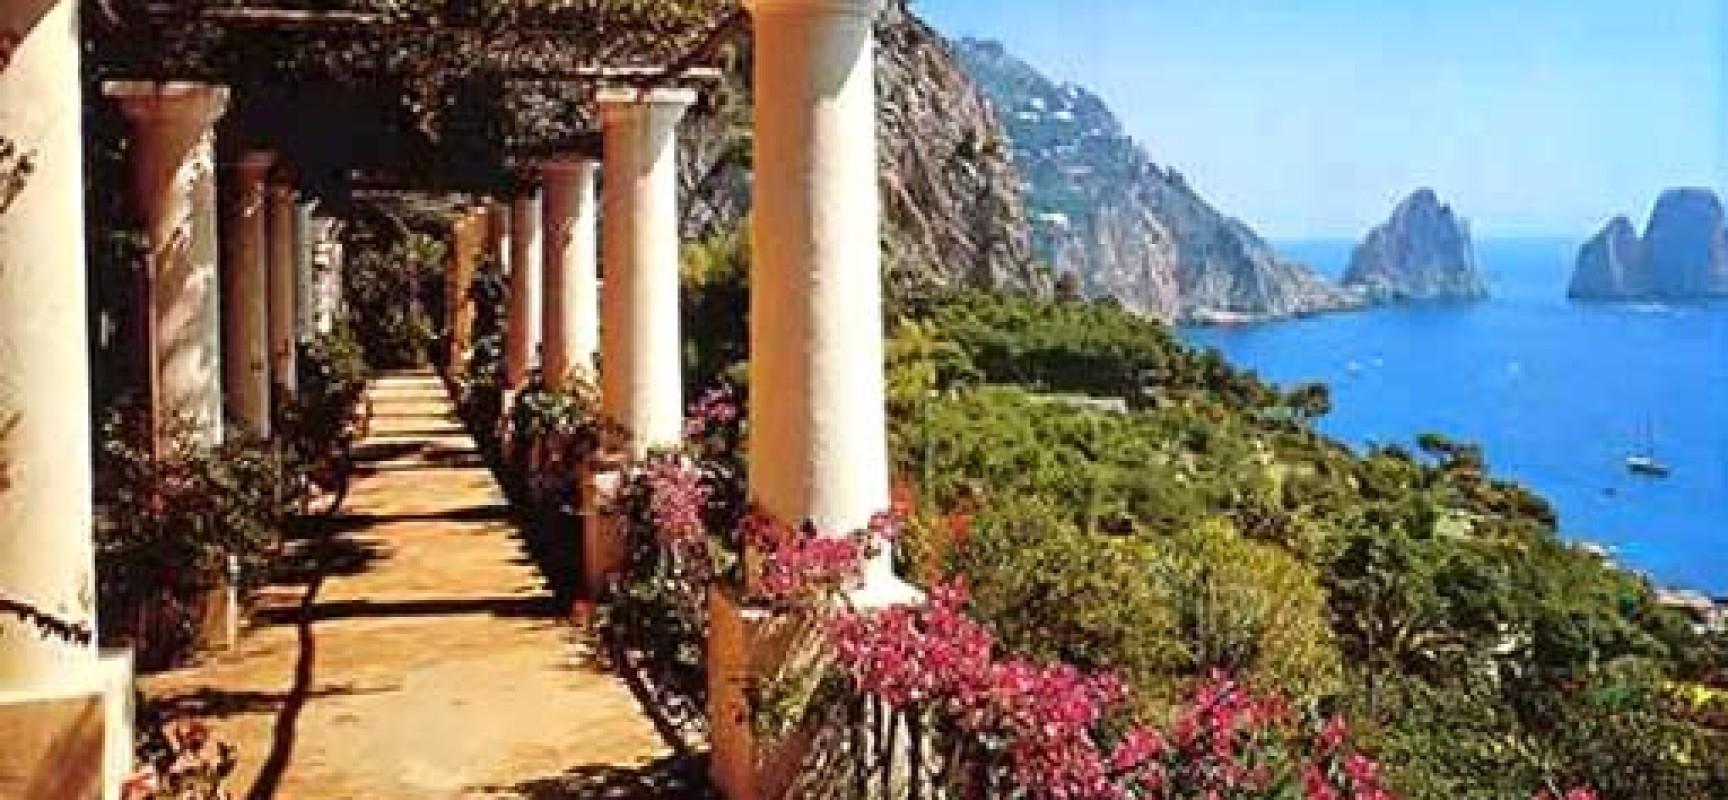 A passeggio tra Capri ed Anacapri, l'isola riscopre i suoi ...